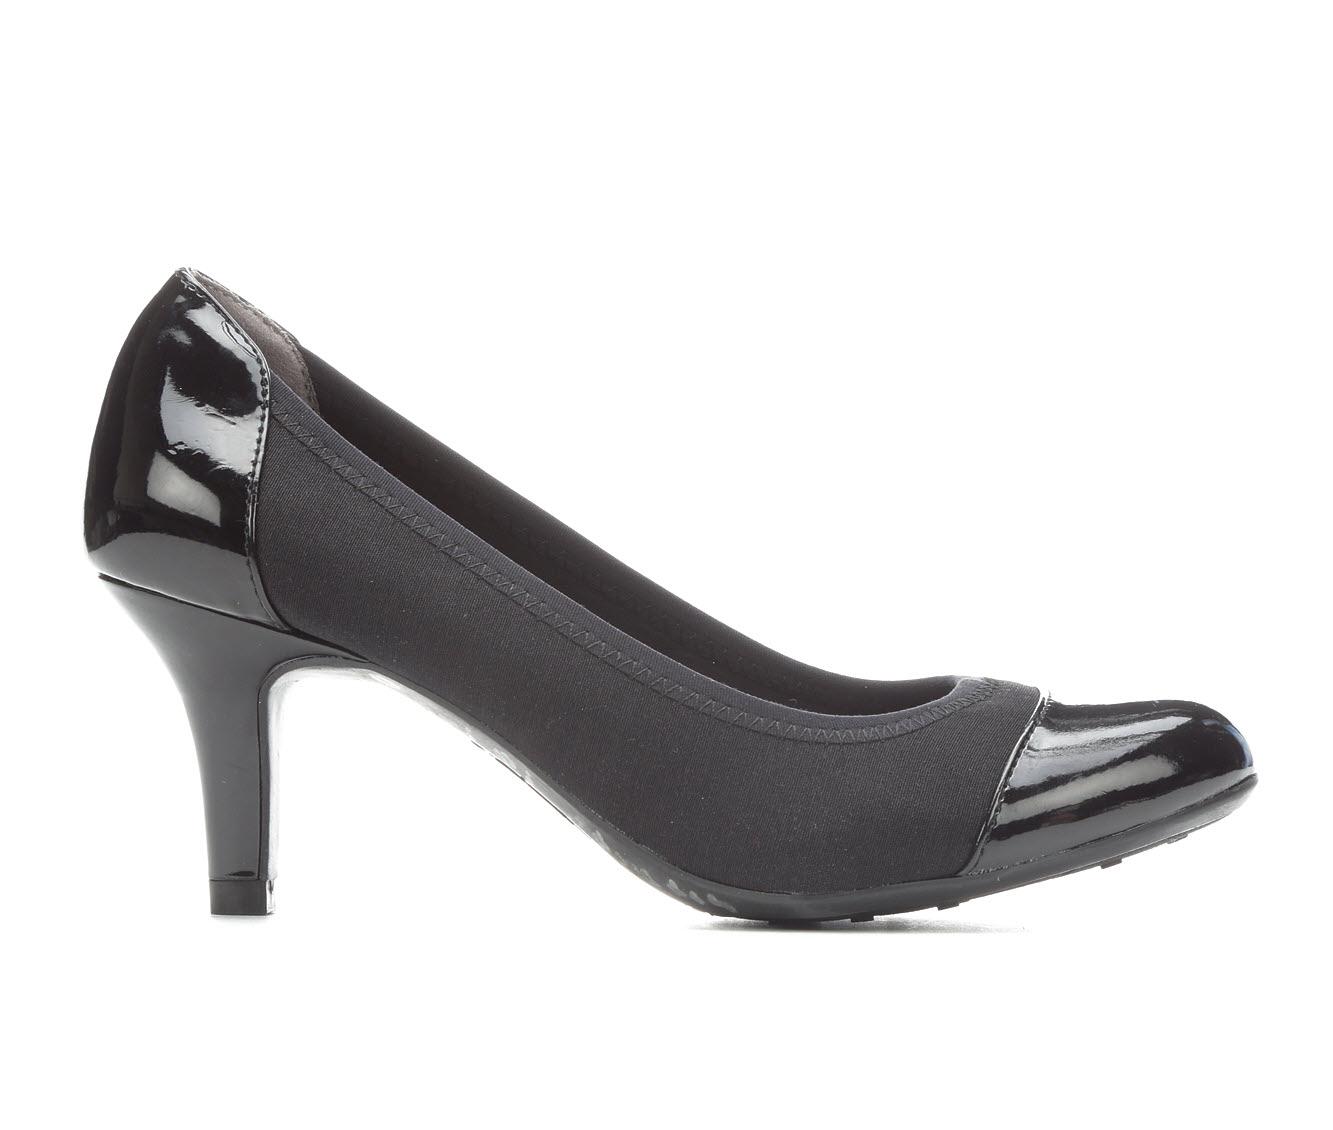 LifeStride Parigi Women's Dress Shoe (Black Faux Leather)